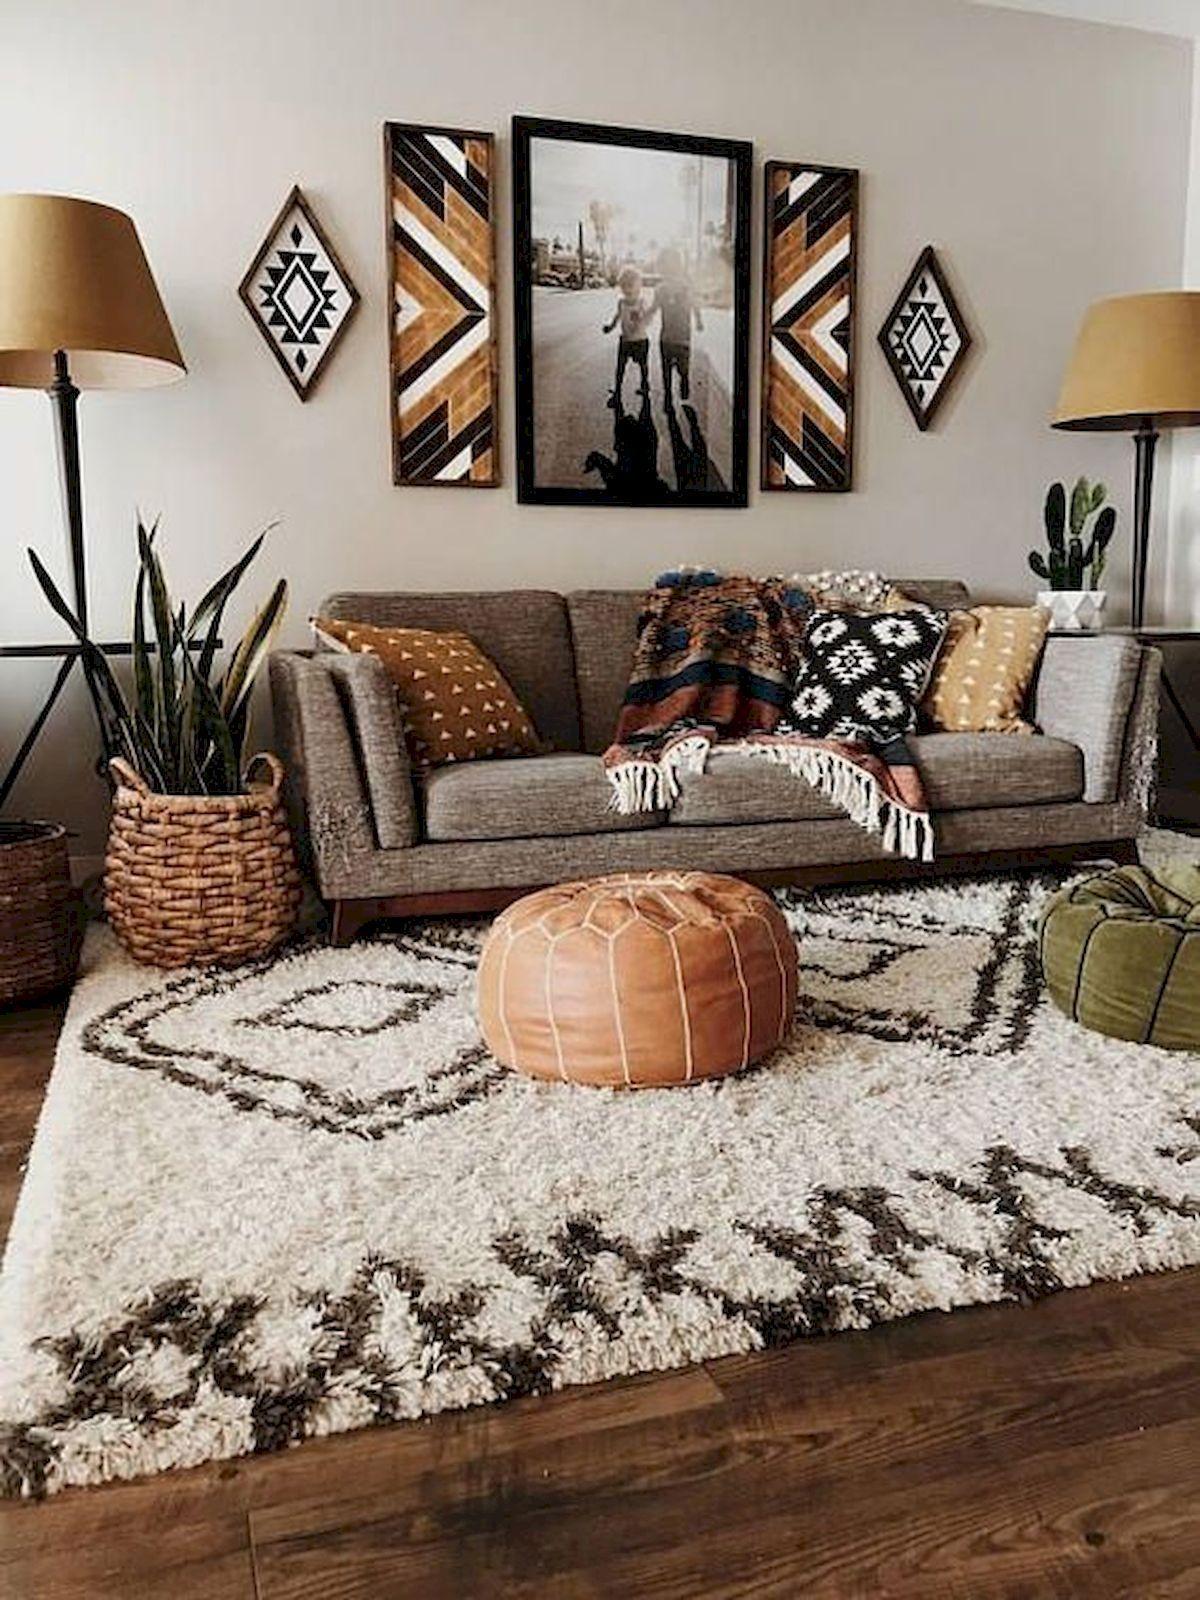 9 Awesome Wand Dekoration Ideen für Wohnzimmer - 9  Wie Sie